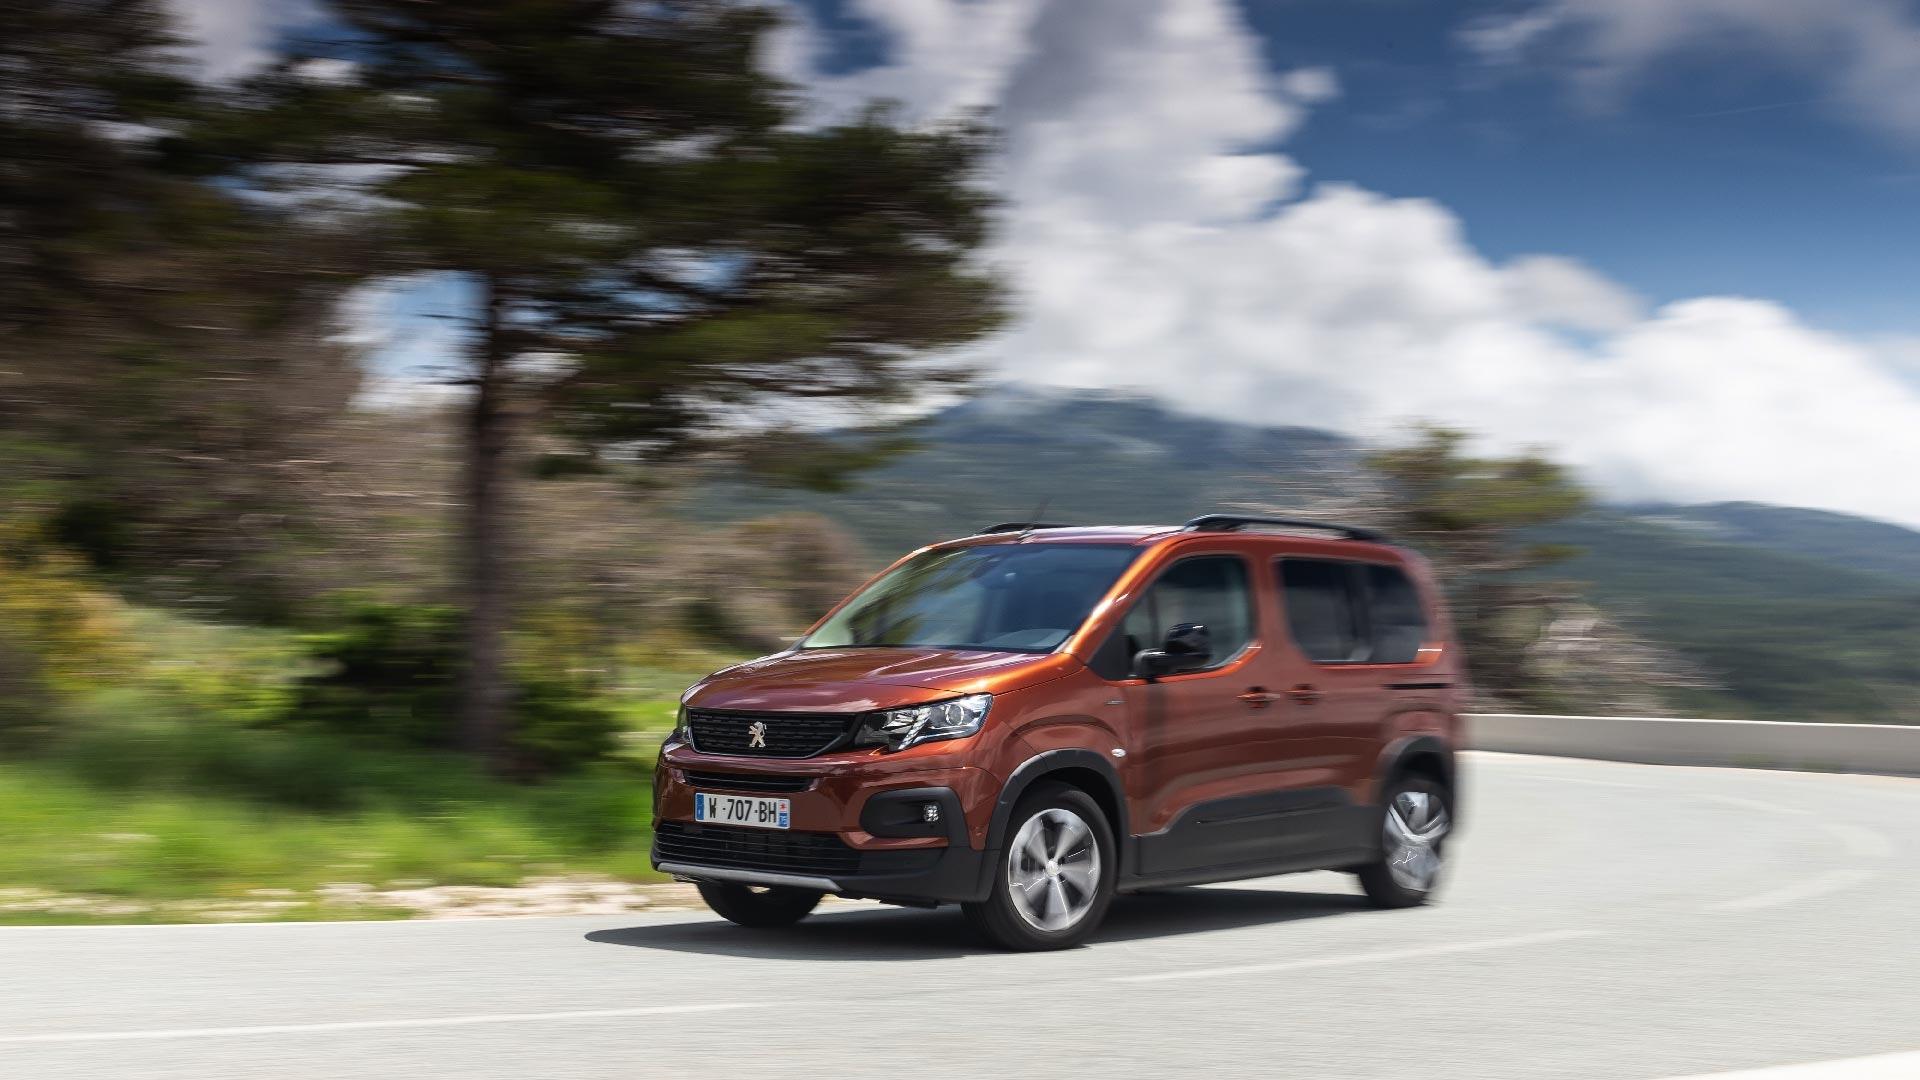 Peugeot Rifter sving